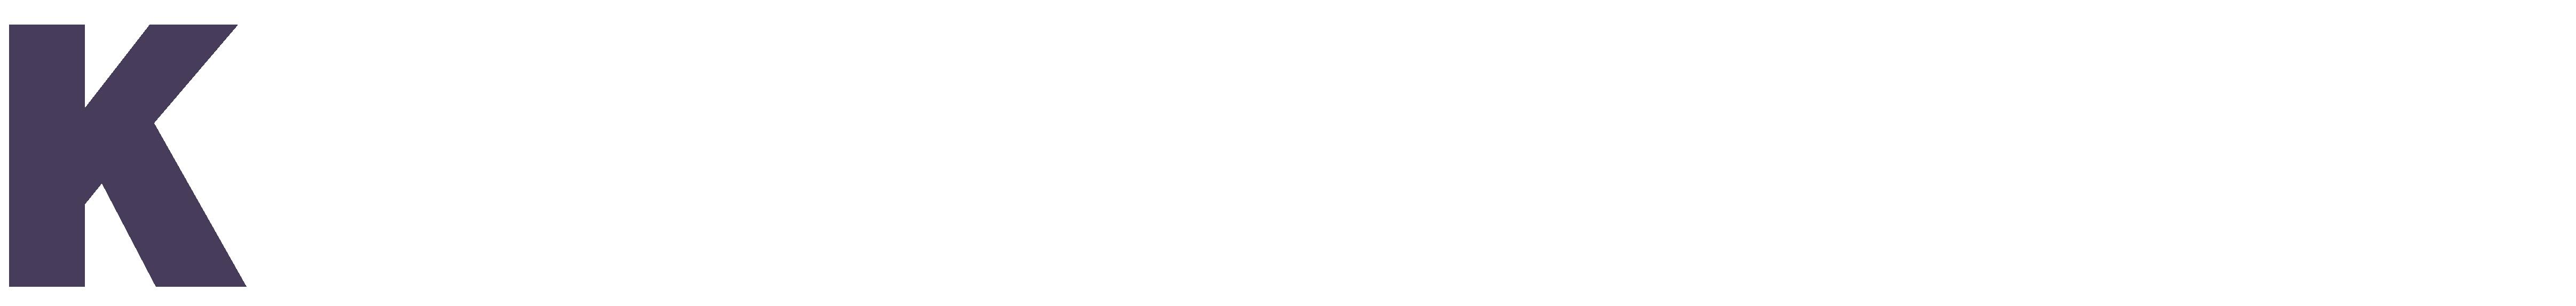 开瑞国际物流(山东)股份有限公司